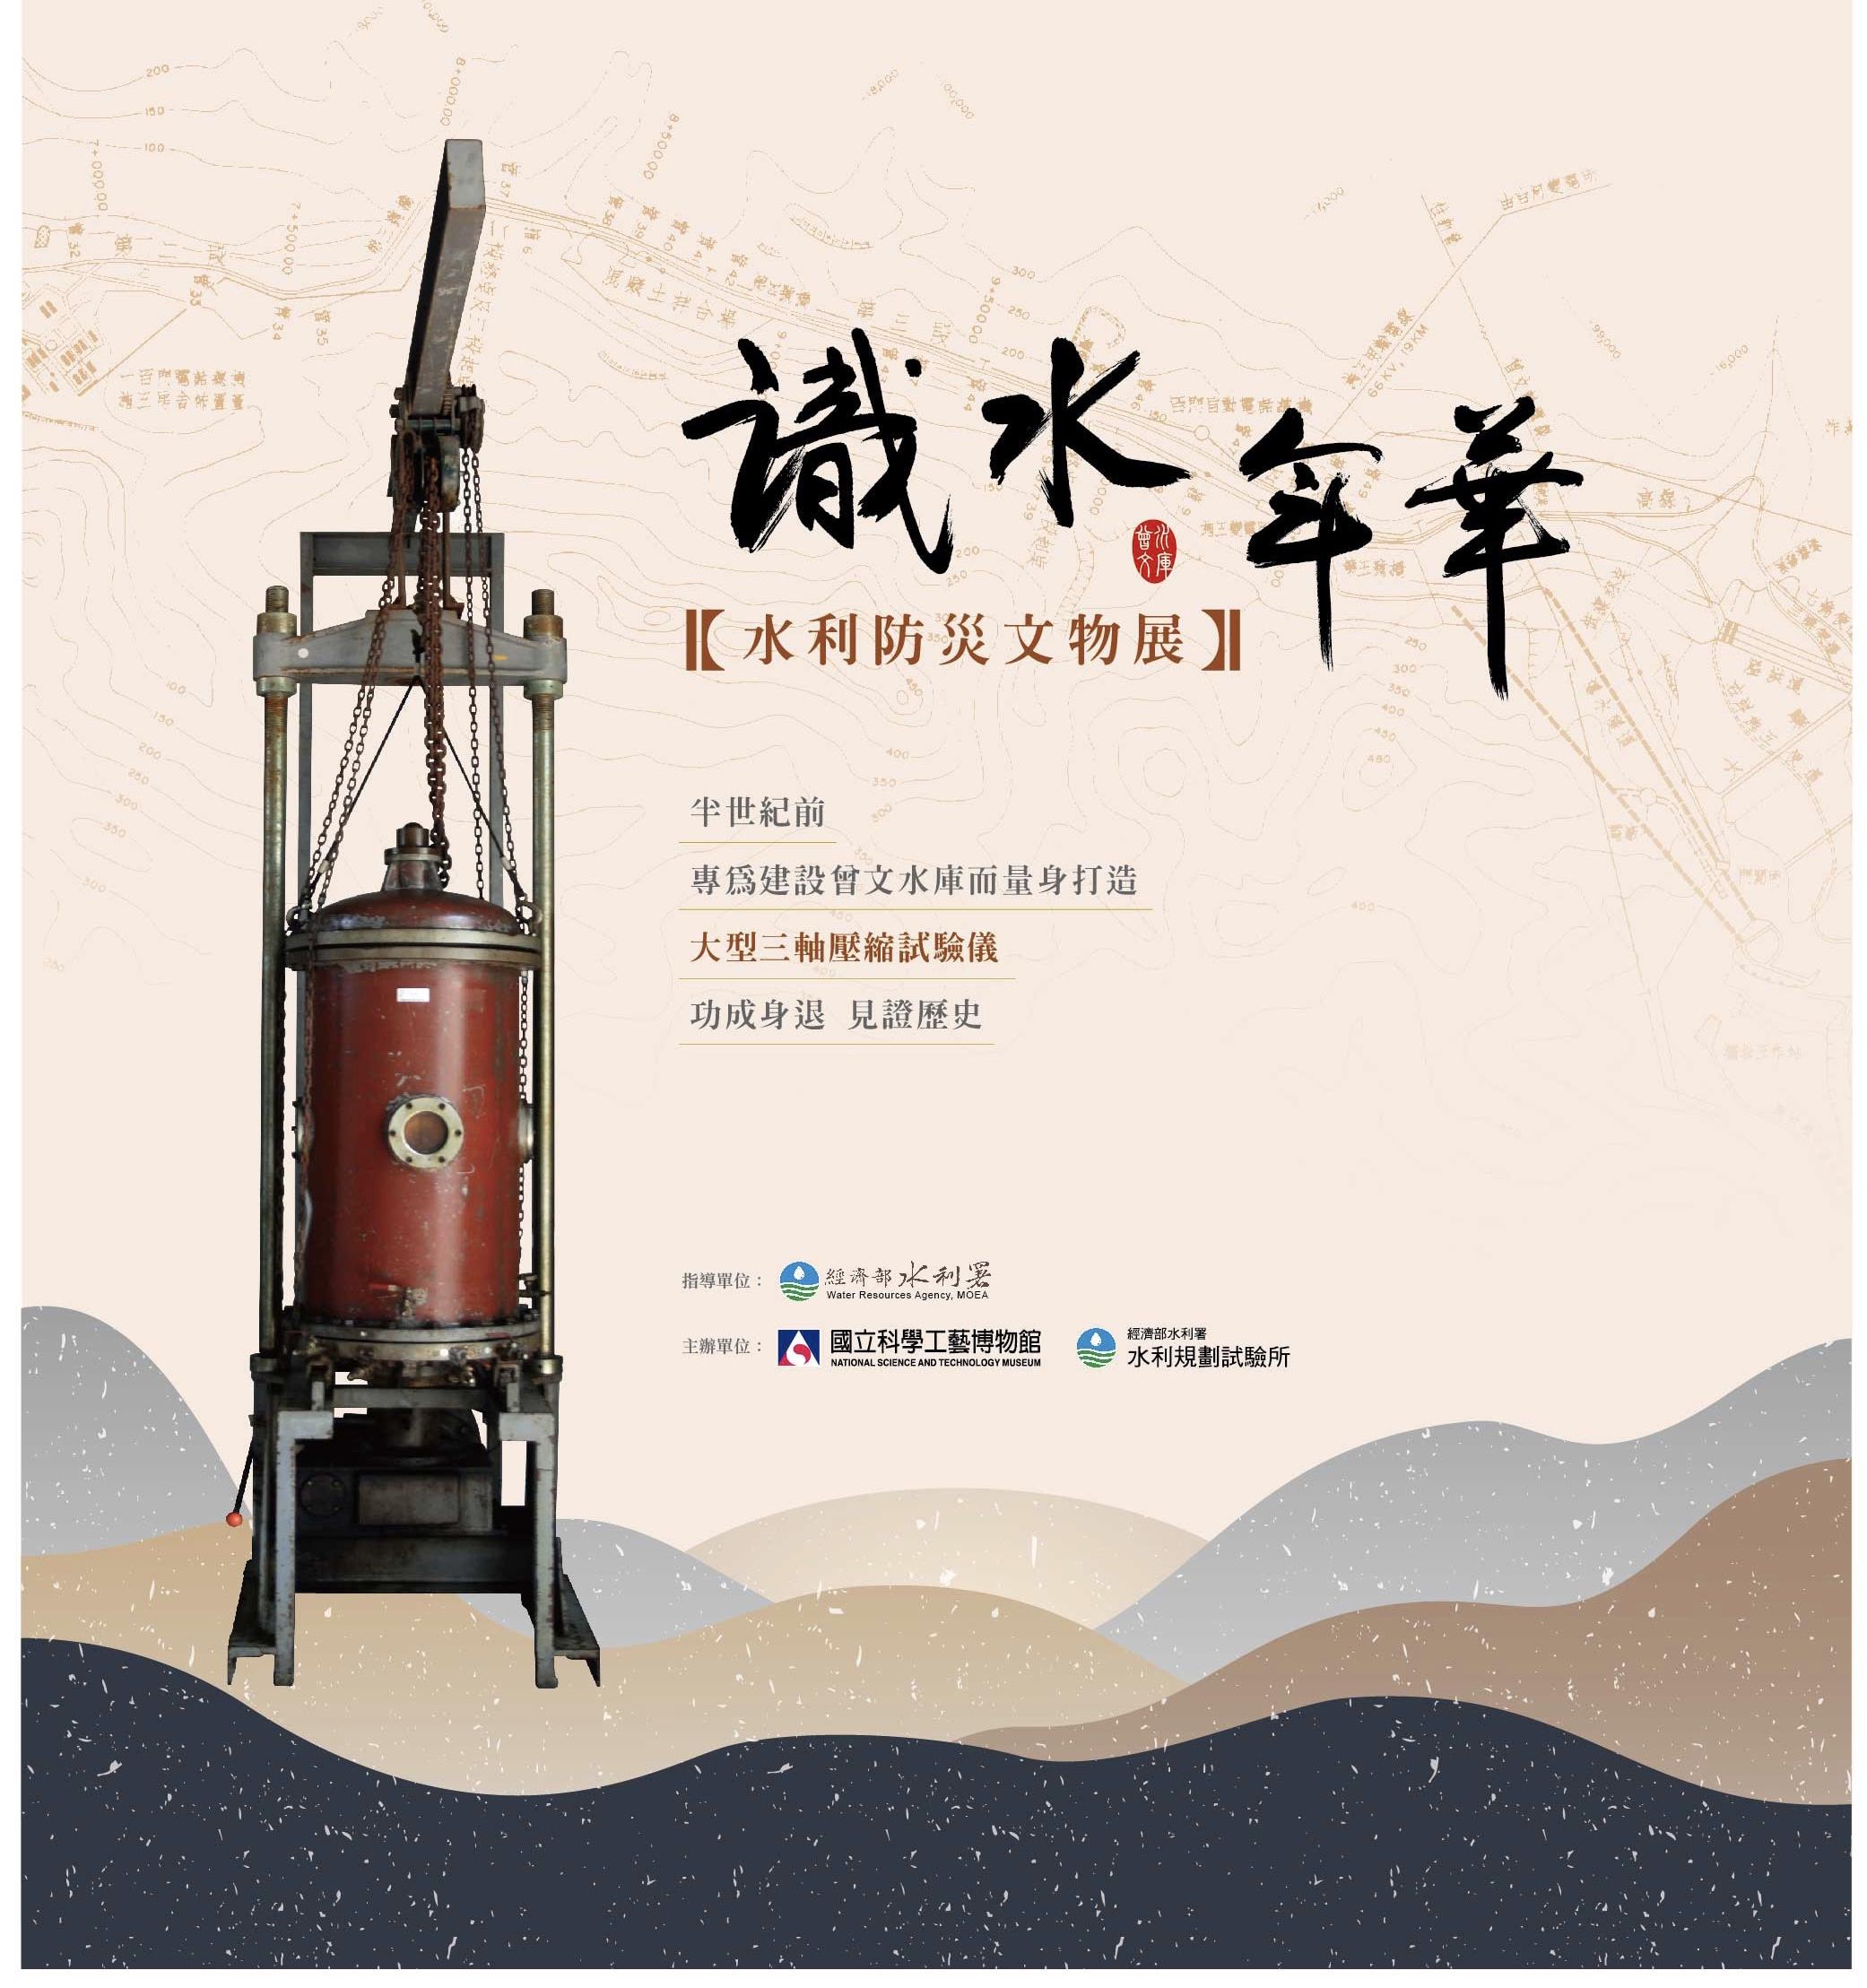 「識水年華—水利防災文物展」邀您一同體會開源節流的重要性